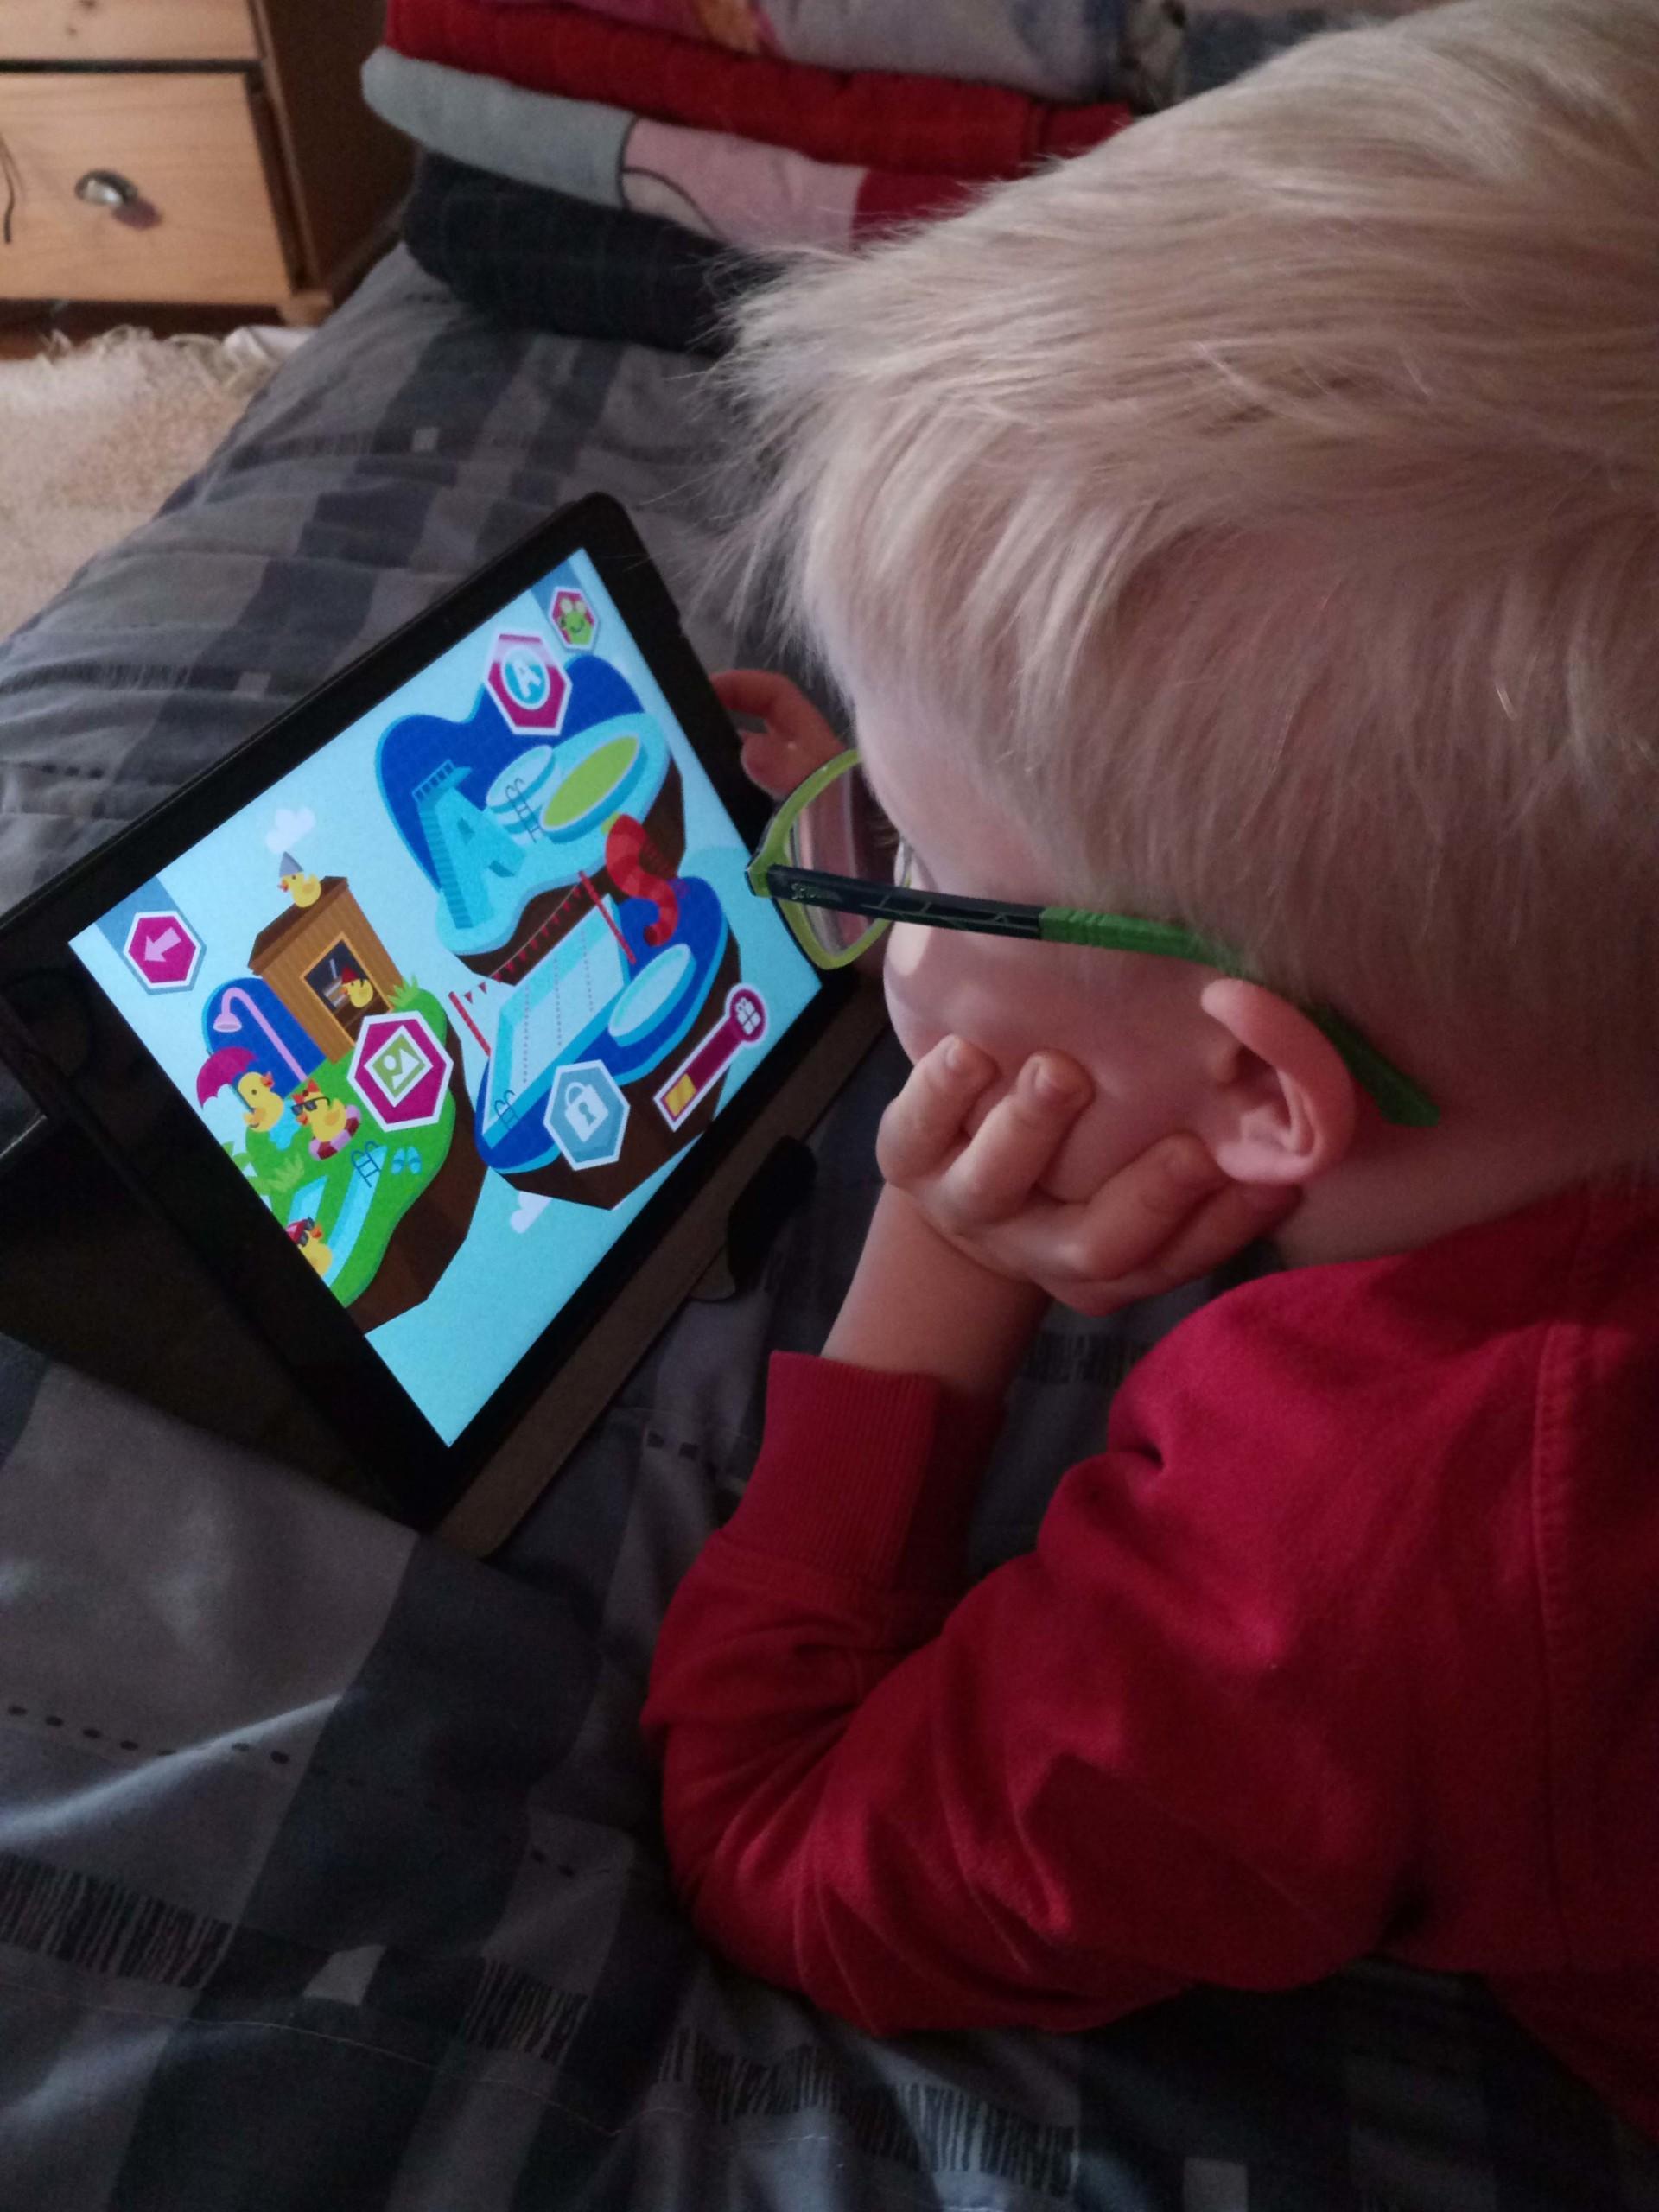 Kuvassa punapaitainen poika pelaa taböetilla värikästä oppimispeliä. Pojalla on vaaleat hiukset ja vihreät silmälasit. Poika on selin kameraan.